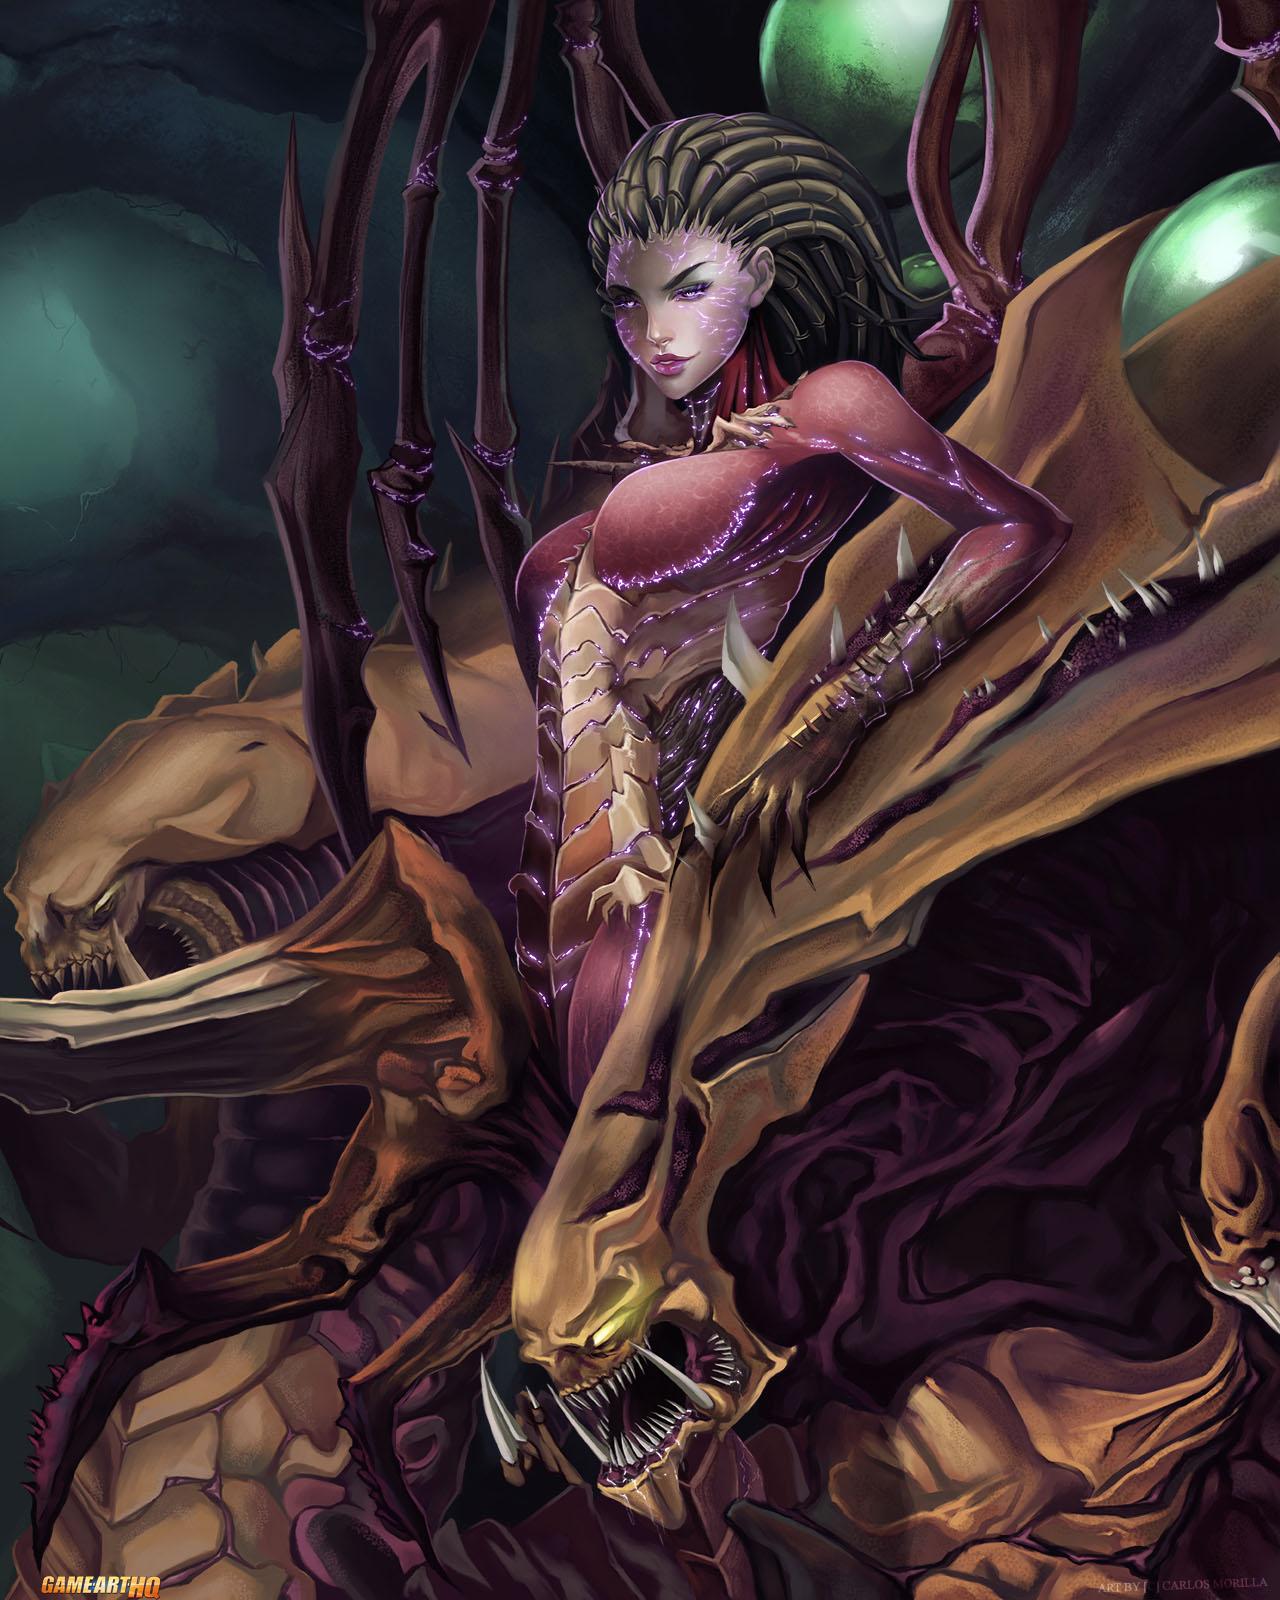 StarCraft 2 zerg concept art picture Sexy Kerrigan